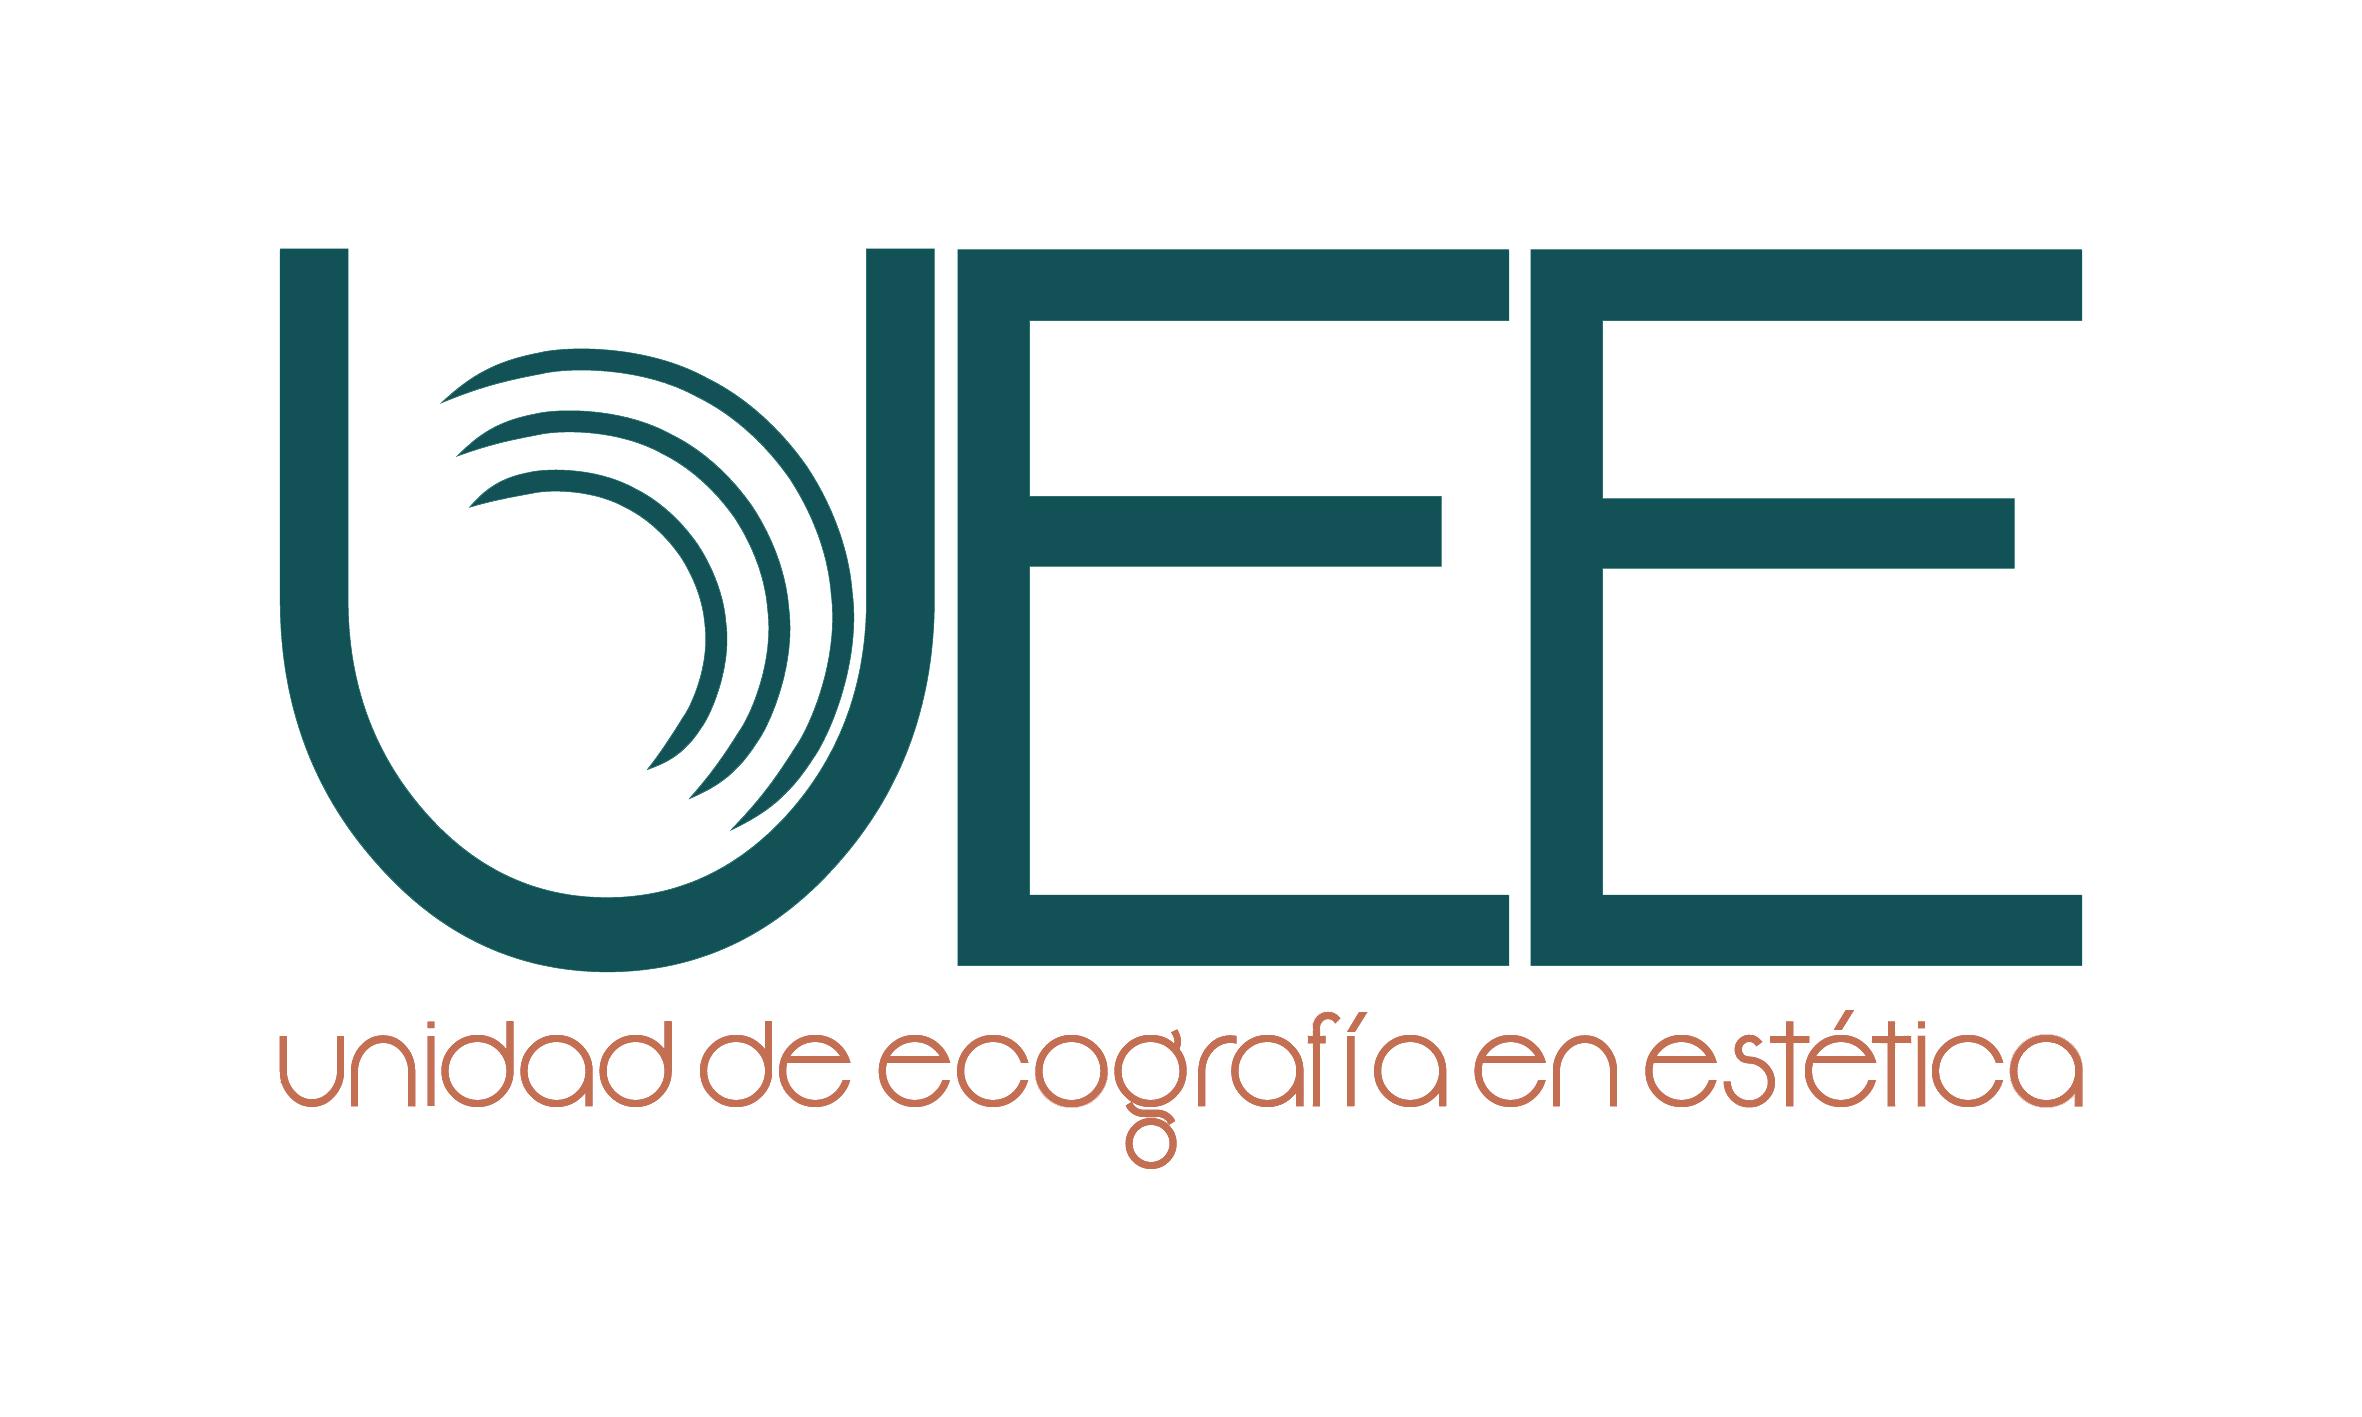 Unidad de Ecografía Estética